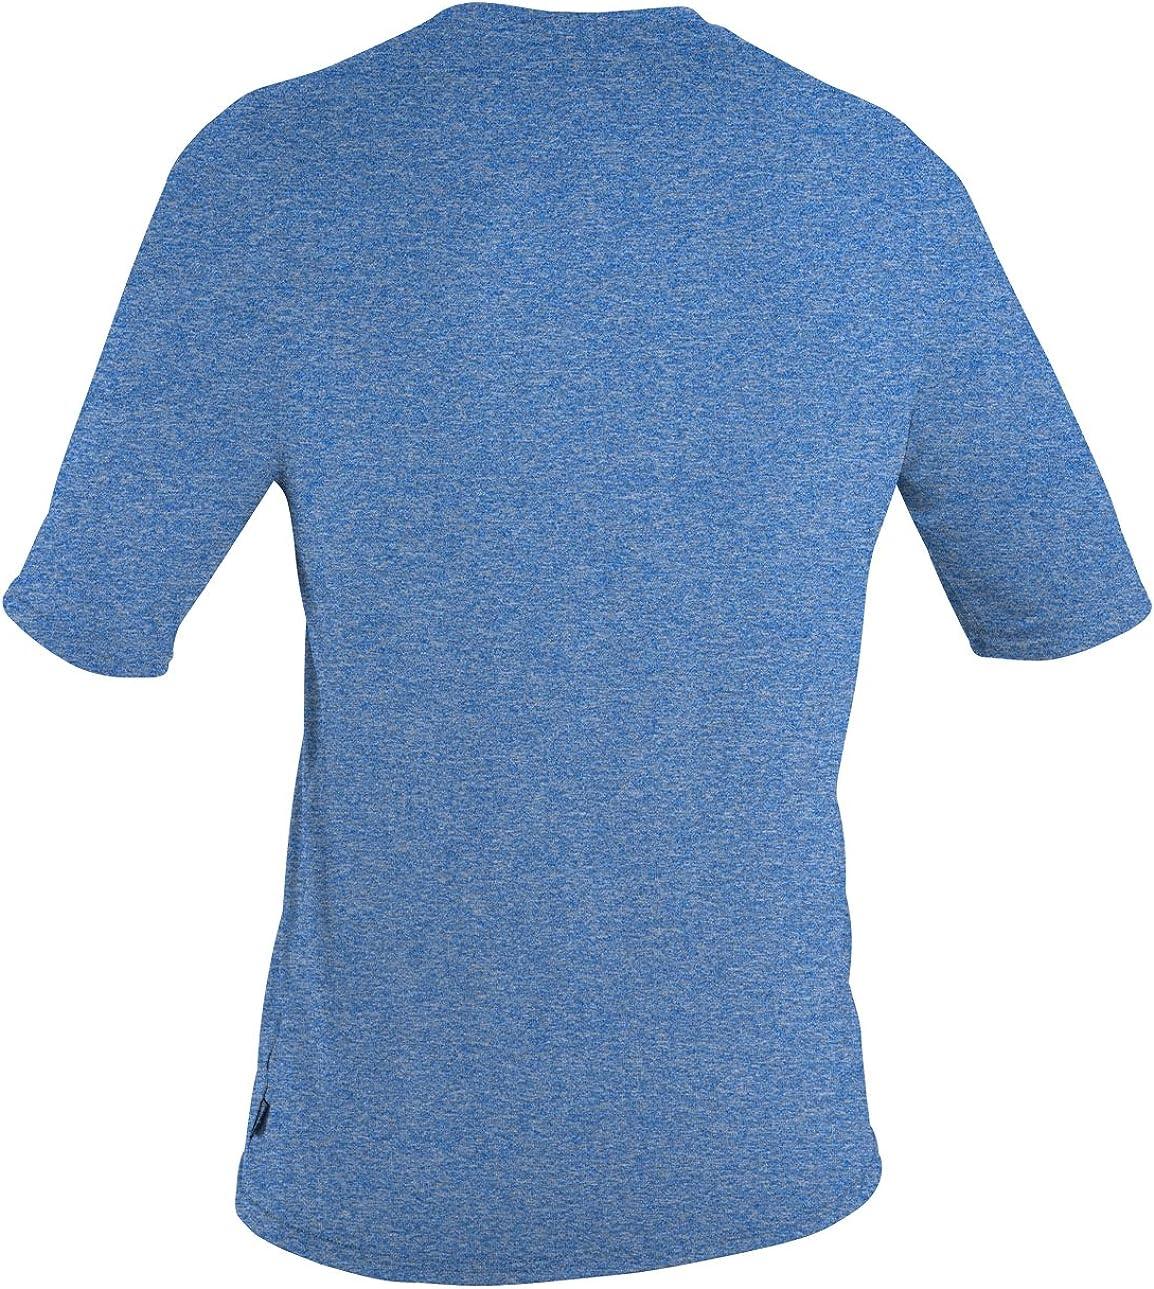 ONeill Mens Hybrid UPF 50 Short Sleeve Sun Shirt